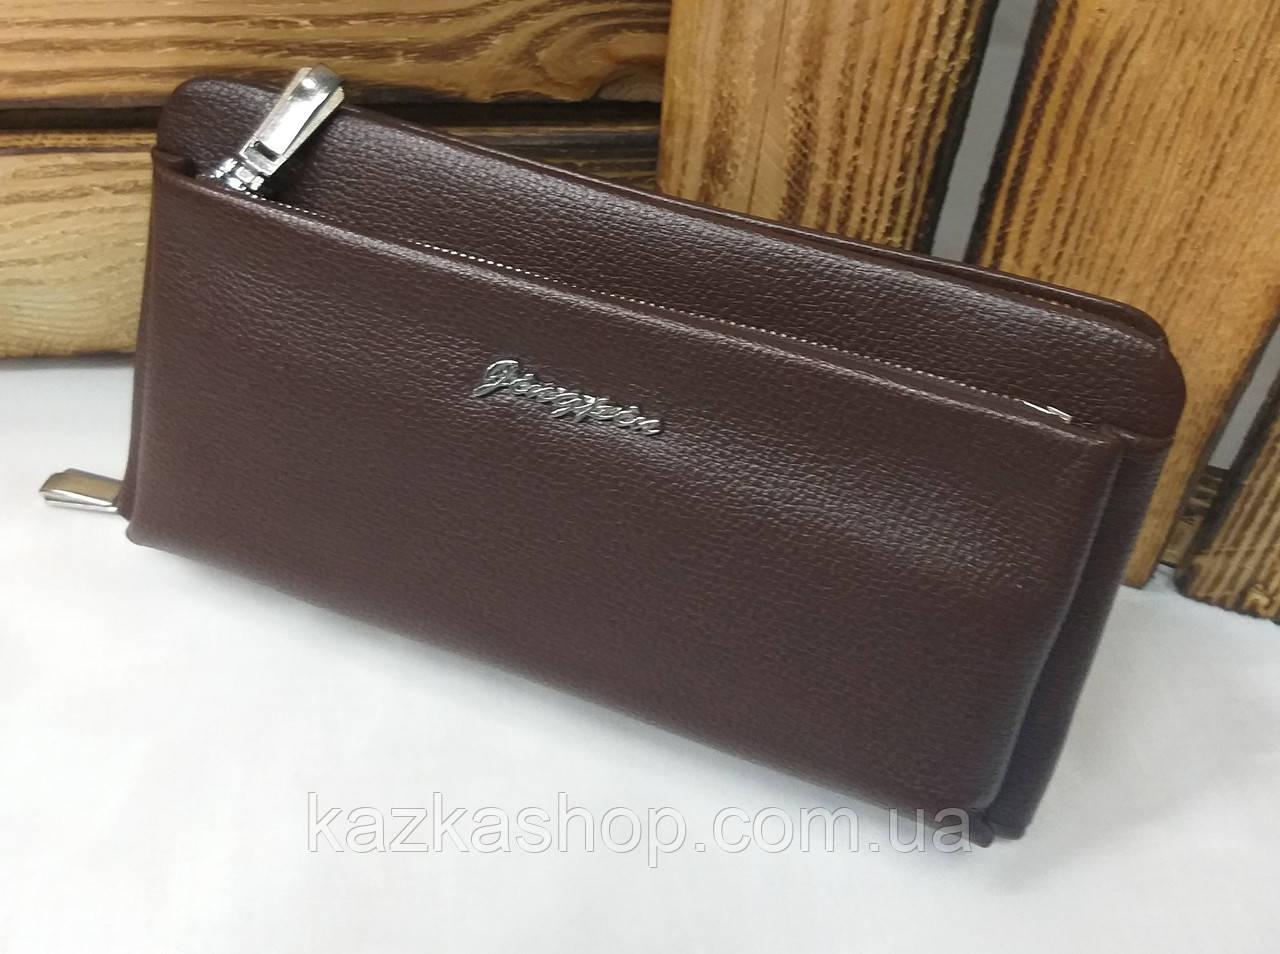 Мужское портмоне из искусственной кожи коричневого цвета, один отдел на молнии, дополнительный отдел